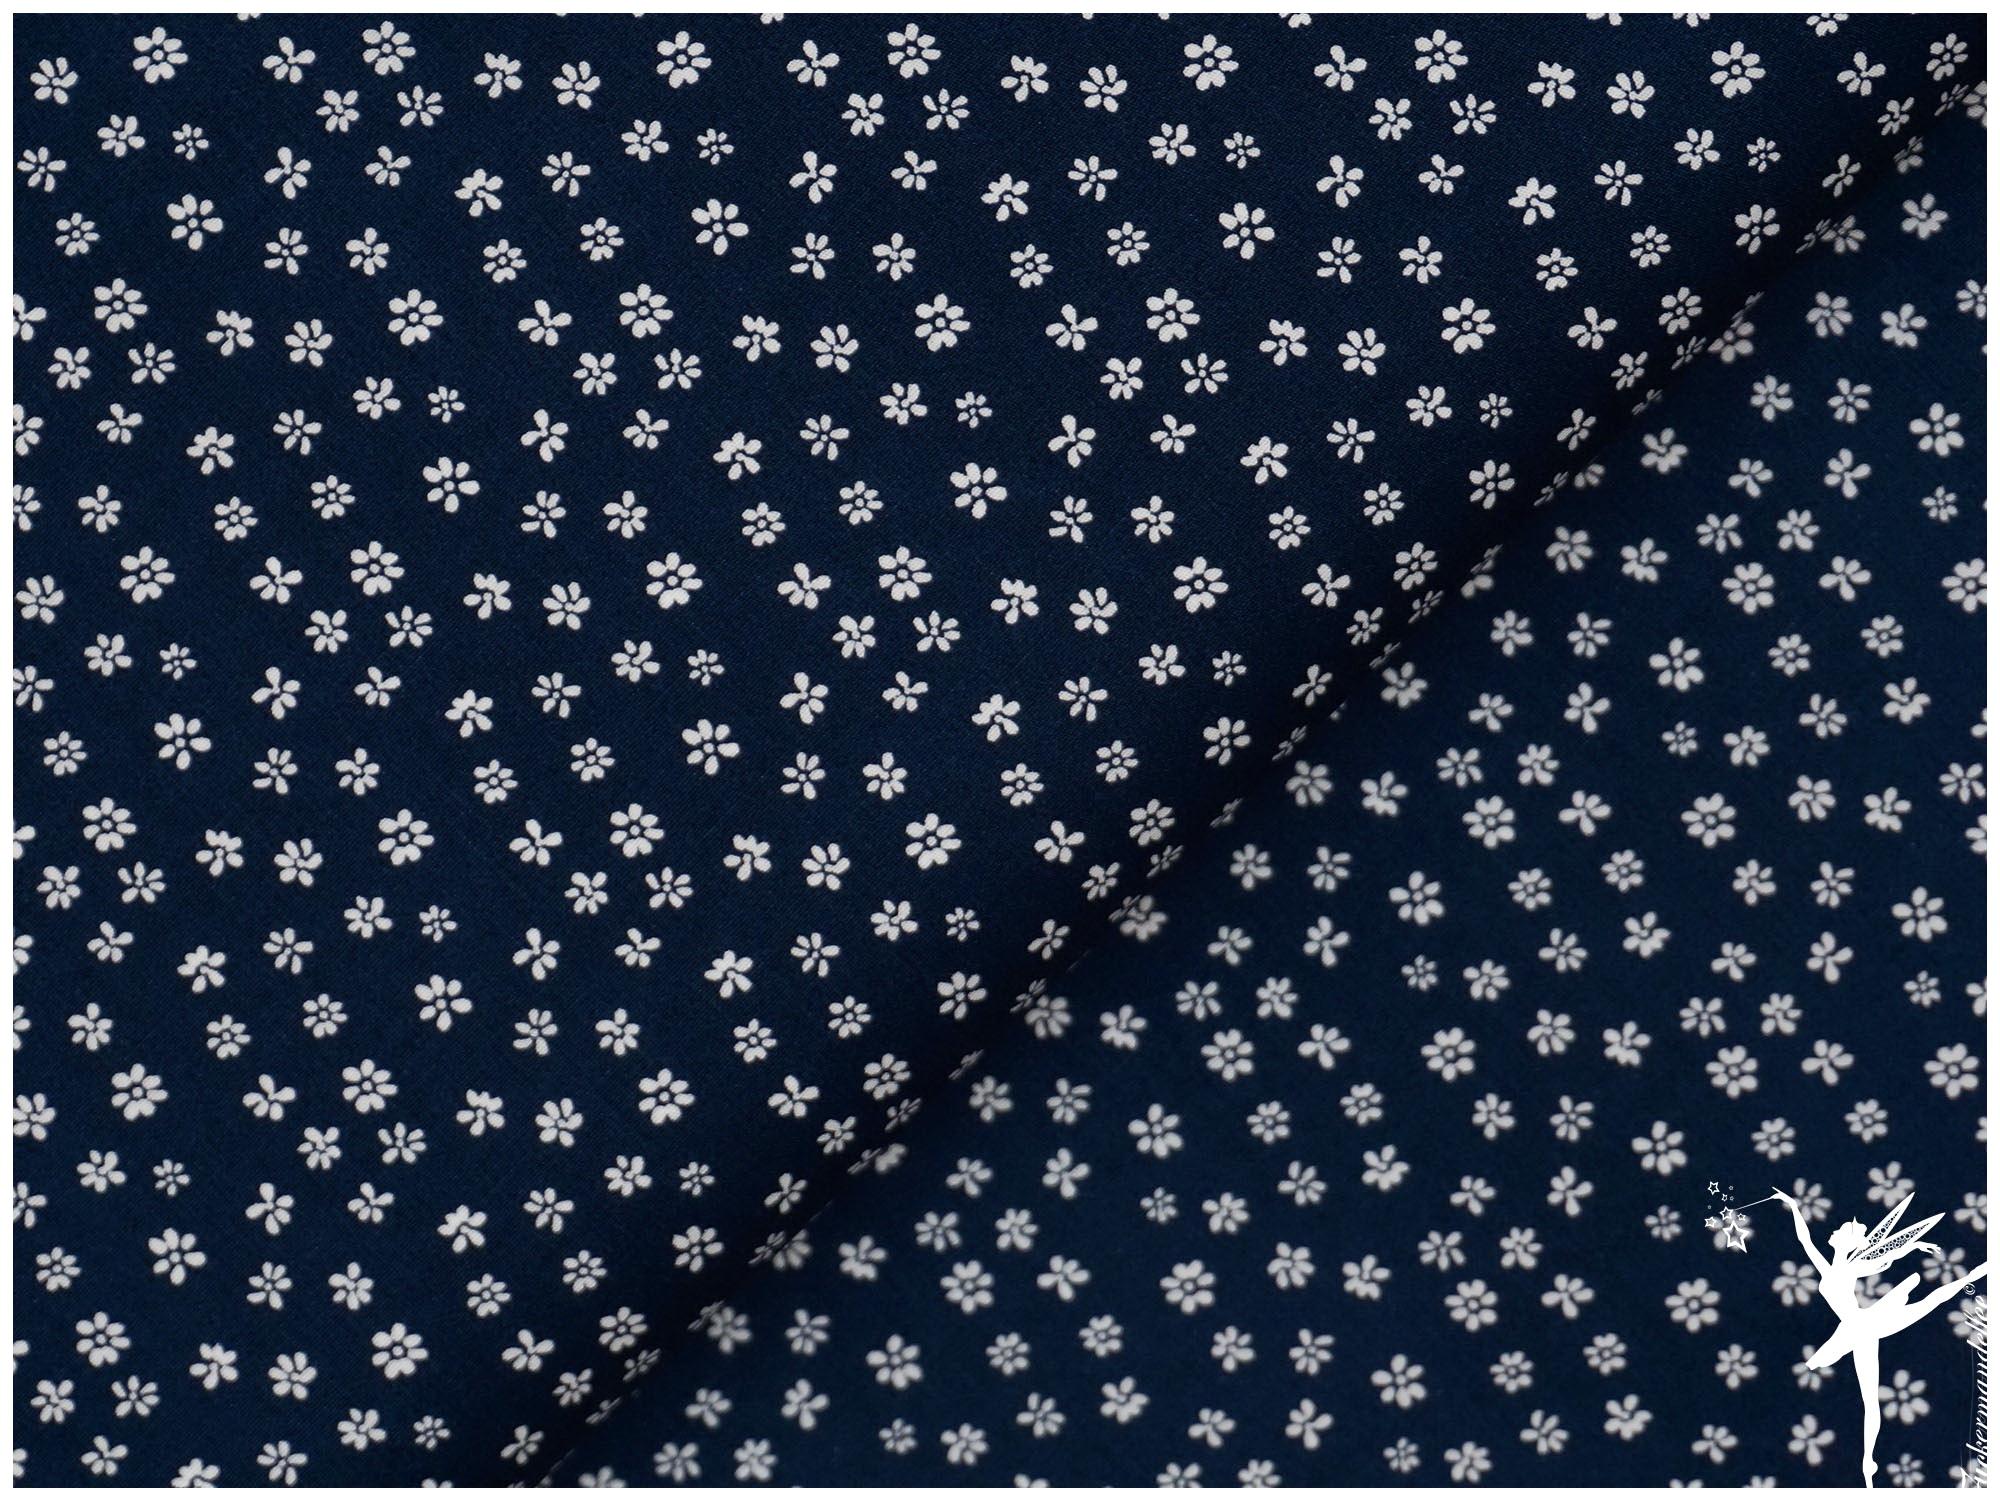 0,5 m Stoff Baumwolle ♥ Ökotex ♥ Streublümchen hellblau  ♥ Blumen  blau